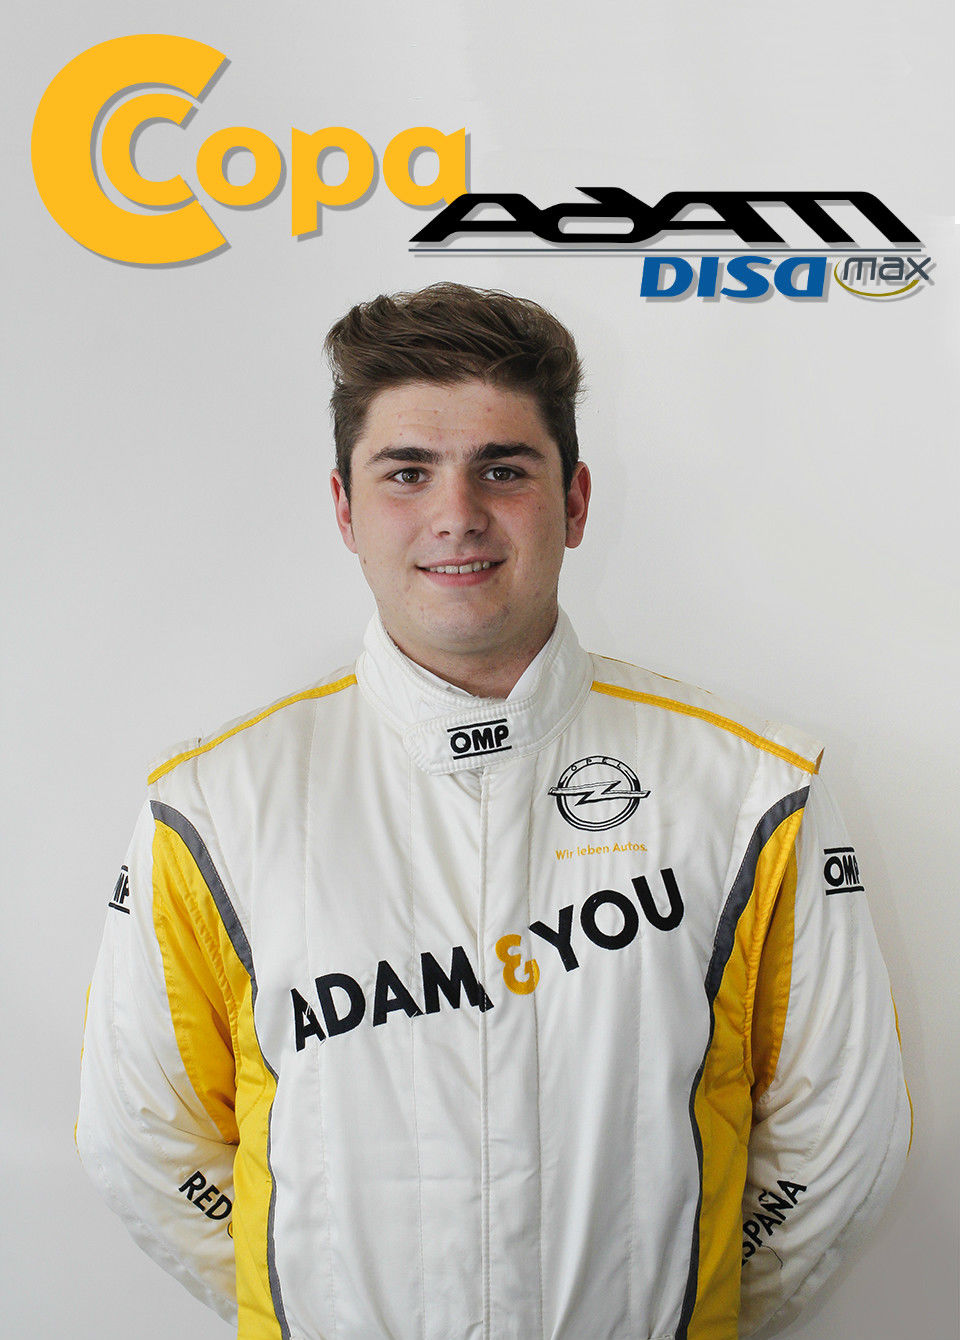 Ángel Paniceres pilotará el Opel Adam N3 de la Copa Adam DISAmax